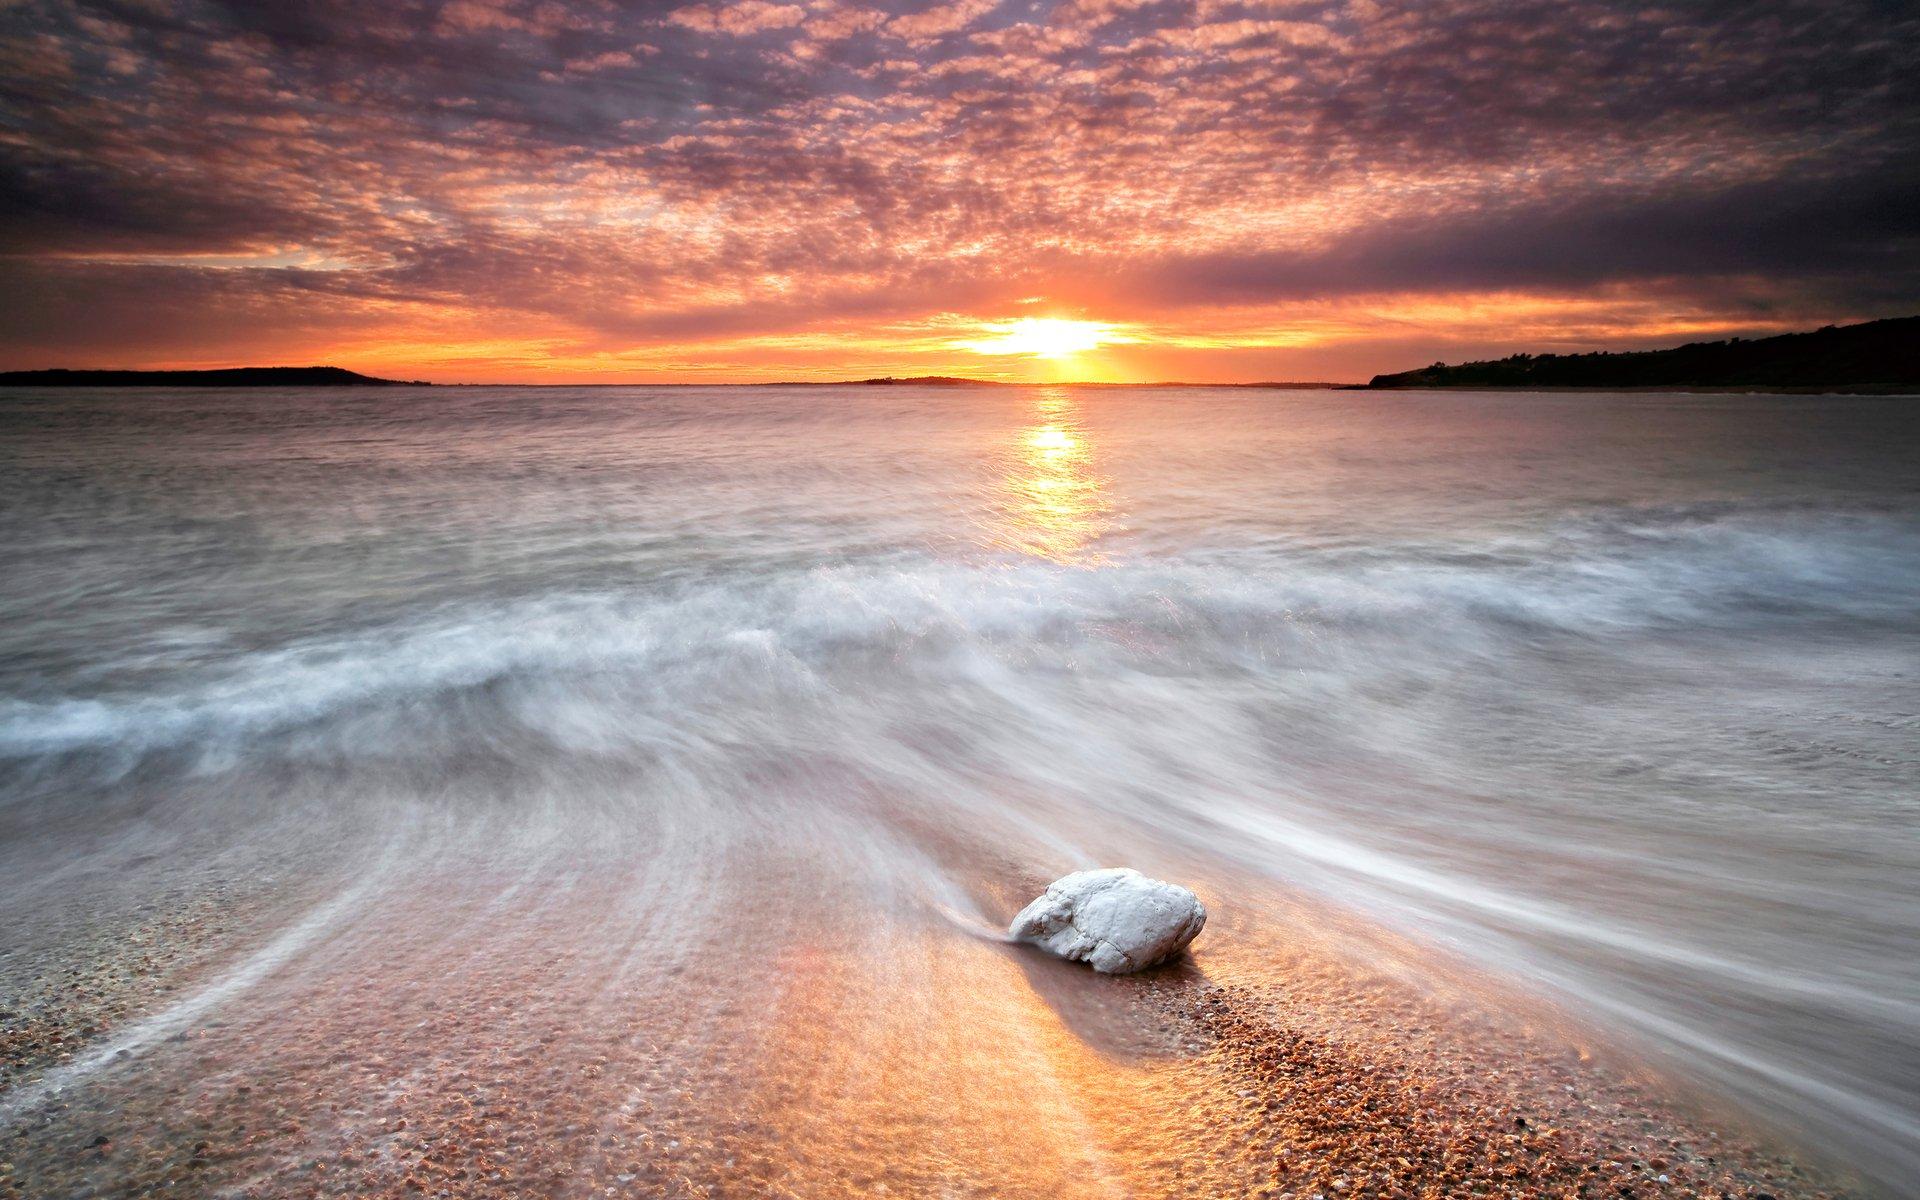 Earth - Beach  Landscape Scenic Ocean Wave Sunset Sunrise Sky Cloud Sea Sun Wallpaper